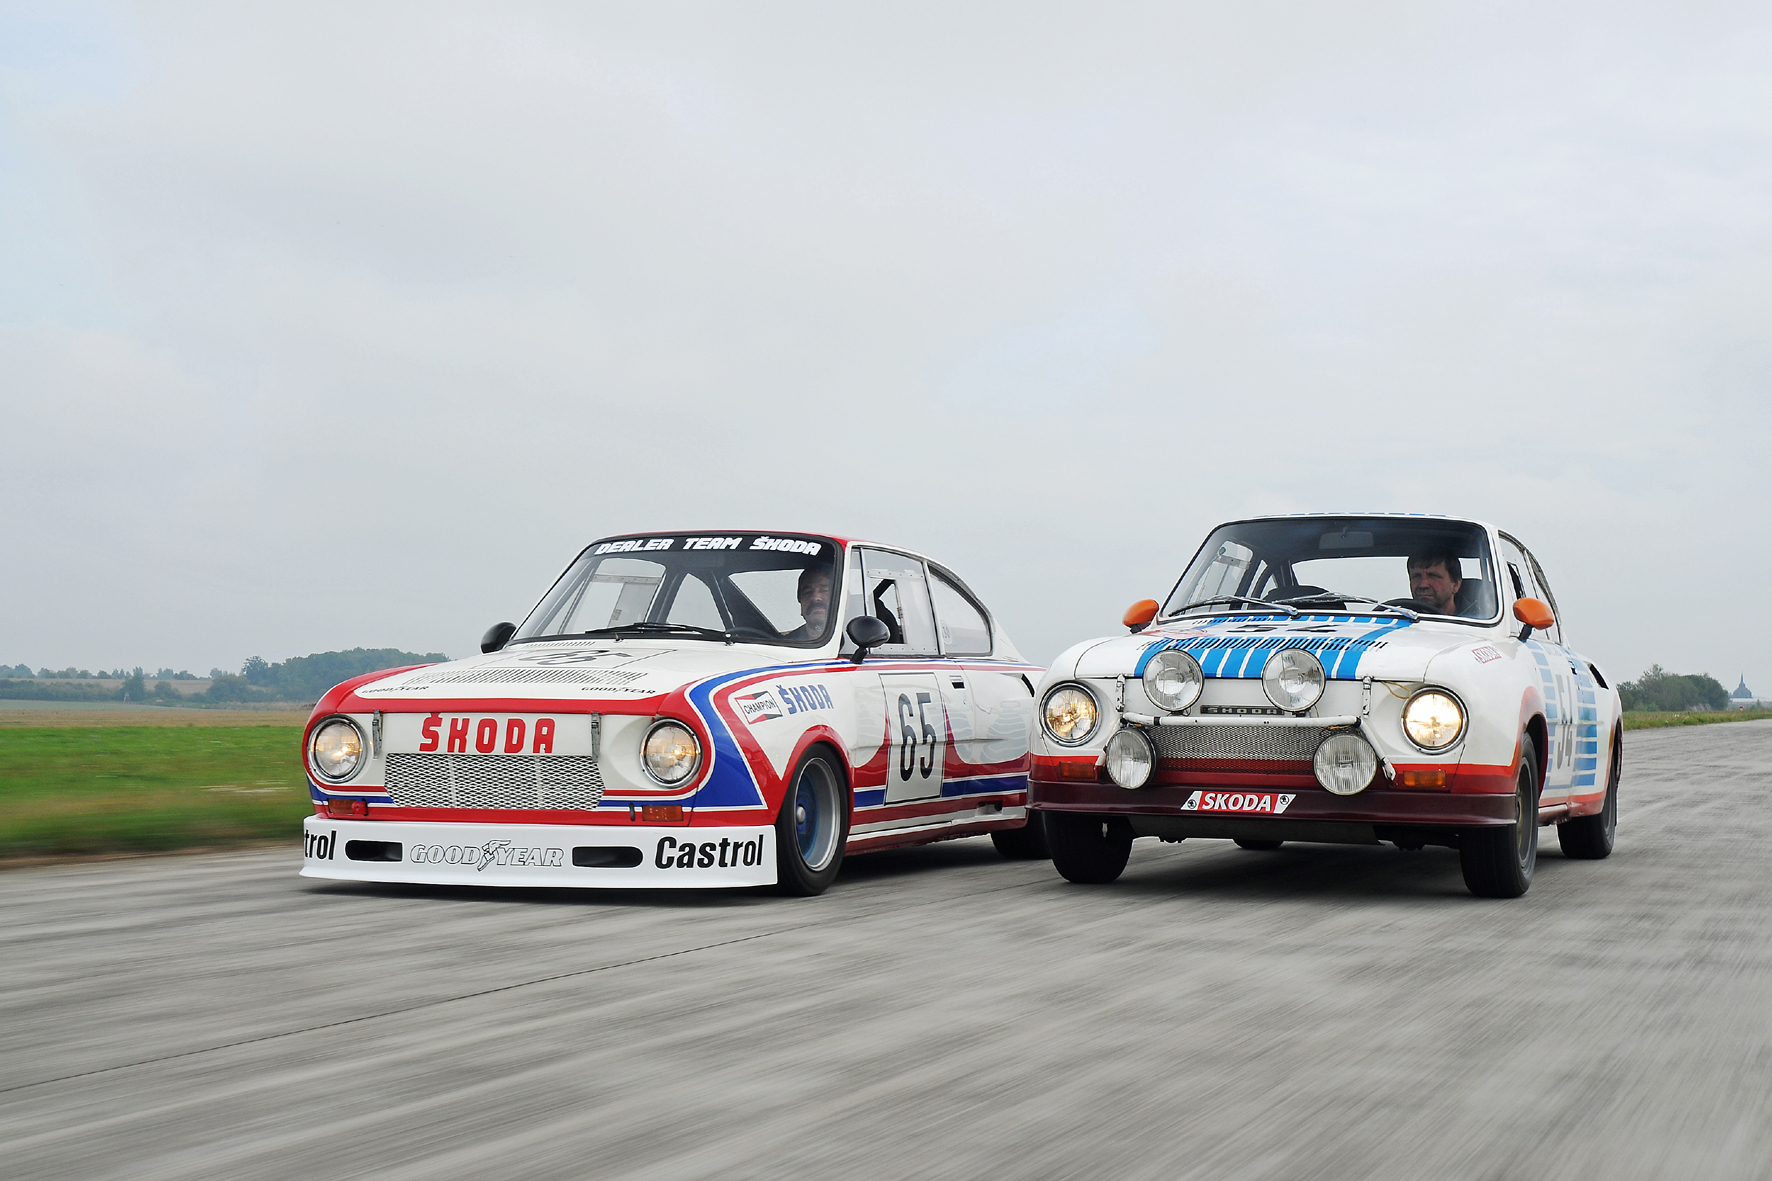 """mid Düsseldorf - Der """"Porsche des Ostens"""" Skoda 130 RS gab 1975 sein Rennsport-Debüt. Größte Triumphe waren der Gesamtsieg mit dem Tourenwagen (links) bei der EM 1981 und der Doppelsieg in der Klasse bis 1.300 ccm bei der Rallye Monte Carlo 1977."""